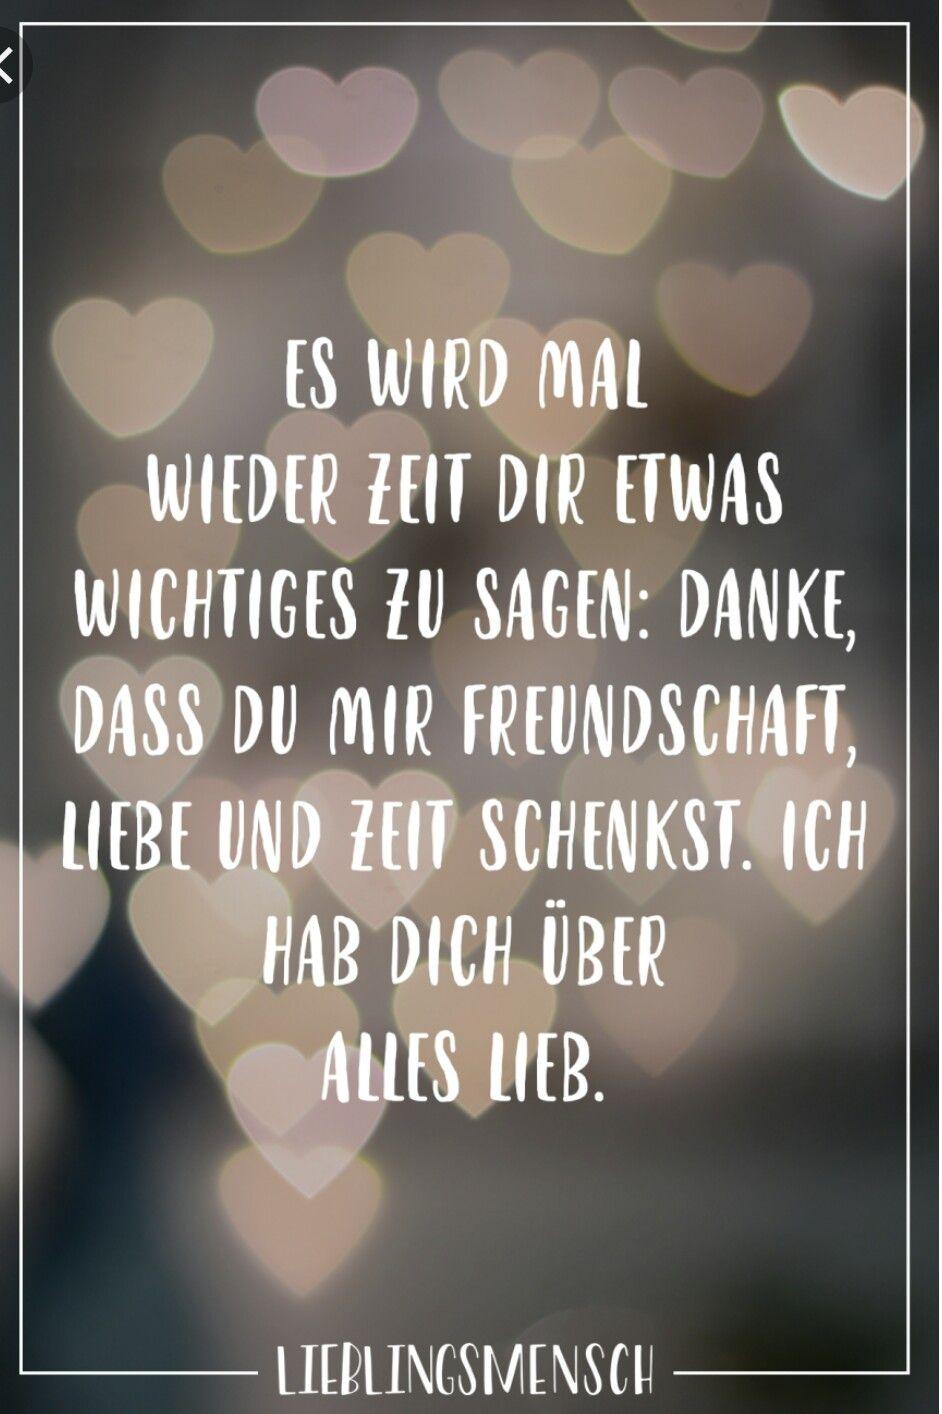 Pin Von Pegi G Auf Liebe Spruch Spruche Uber Freundschaft Freundschaft Zitate Spruche Zitate